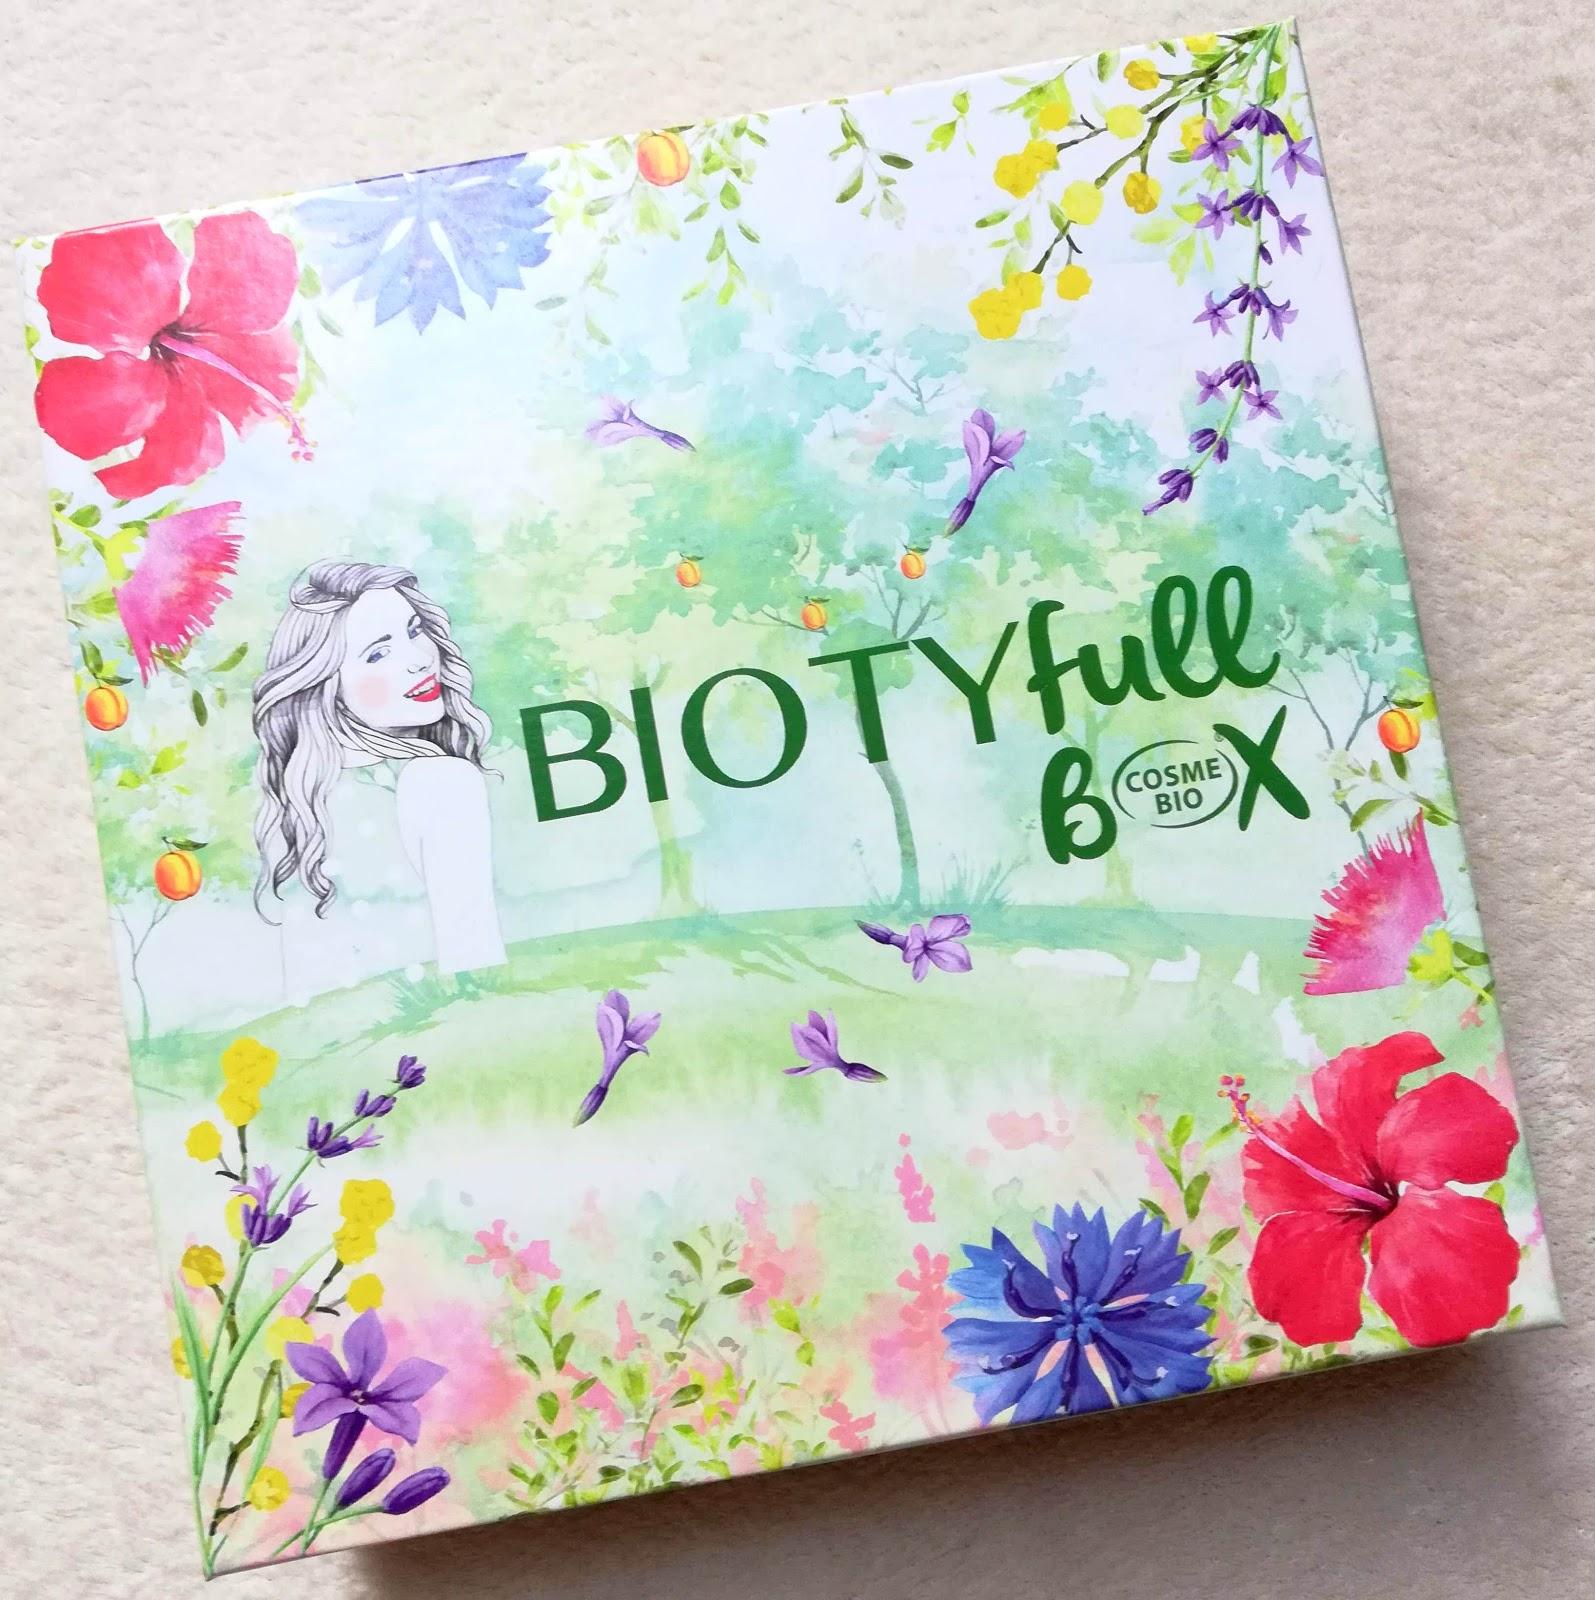 BIOTYFULL BOX Avril 2019  la box 100% COSMEBIO